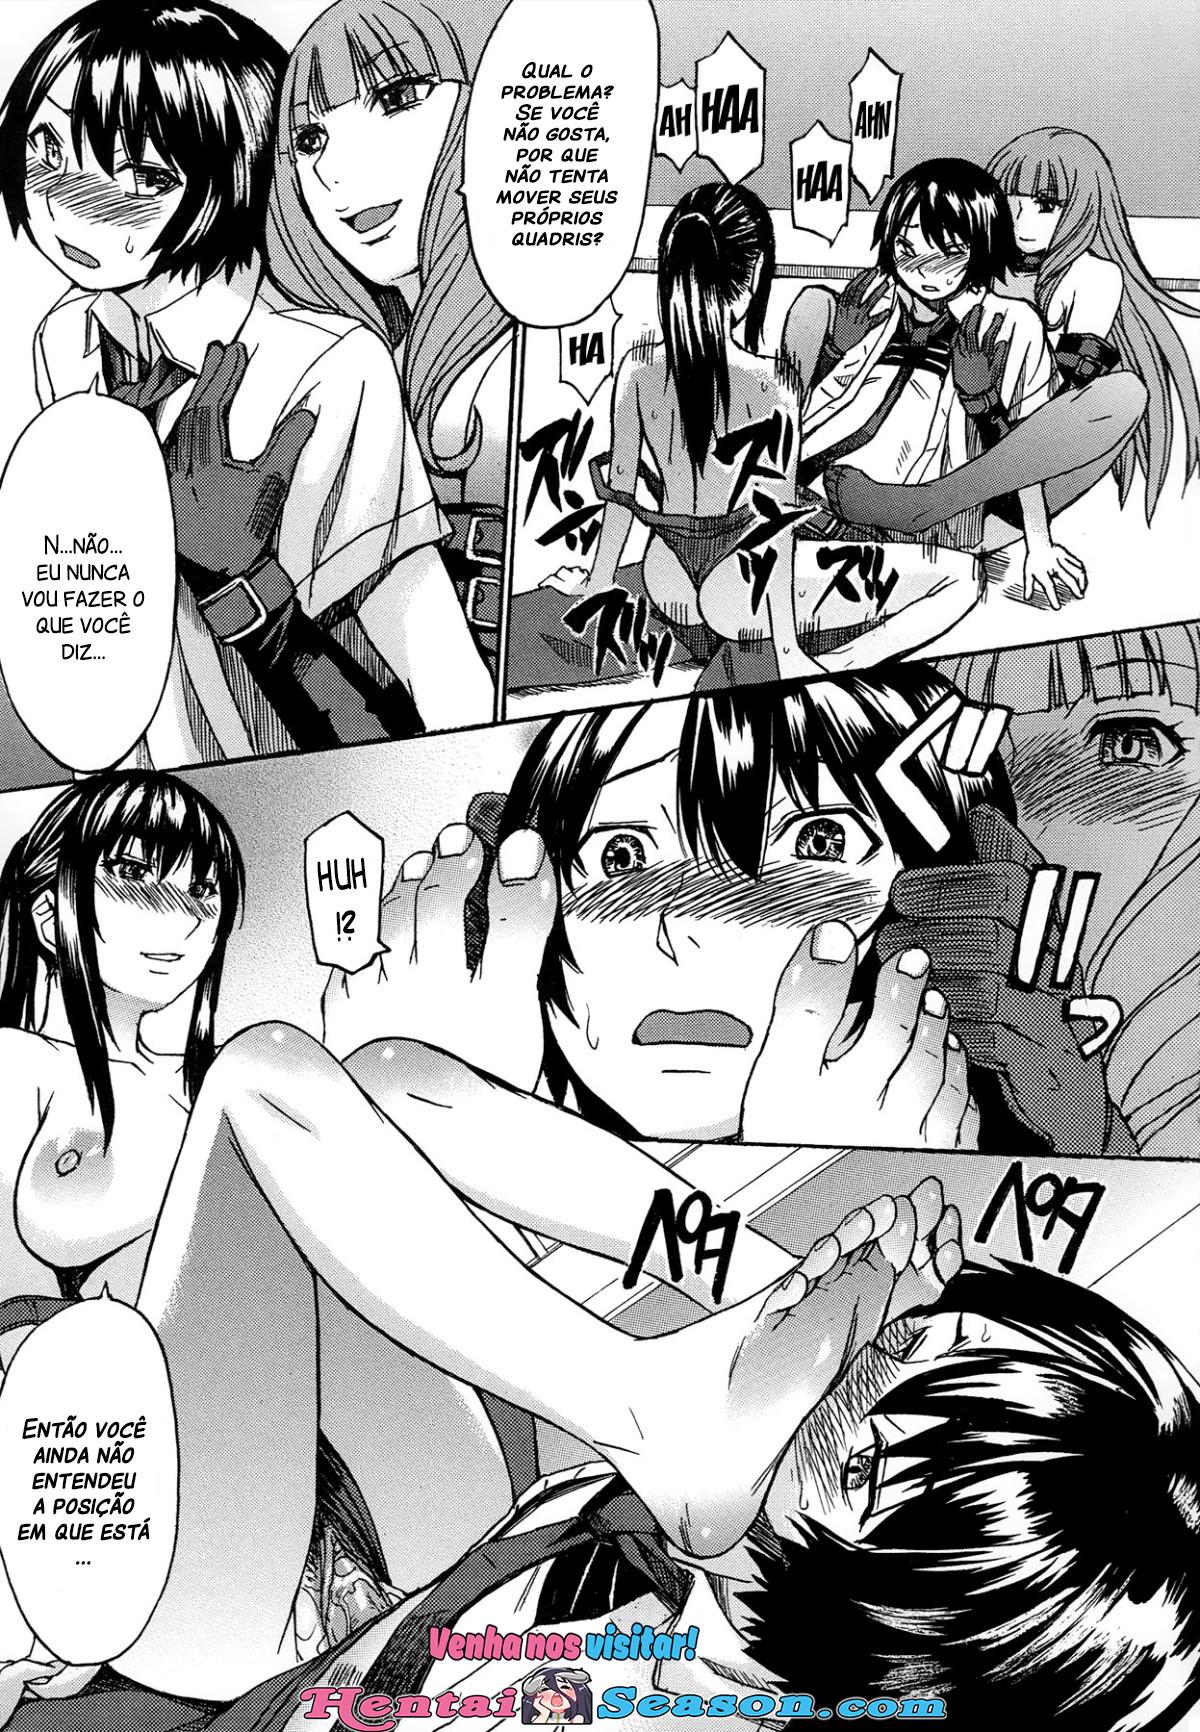 Ashigami Capitulo 3 - pagina 23